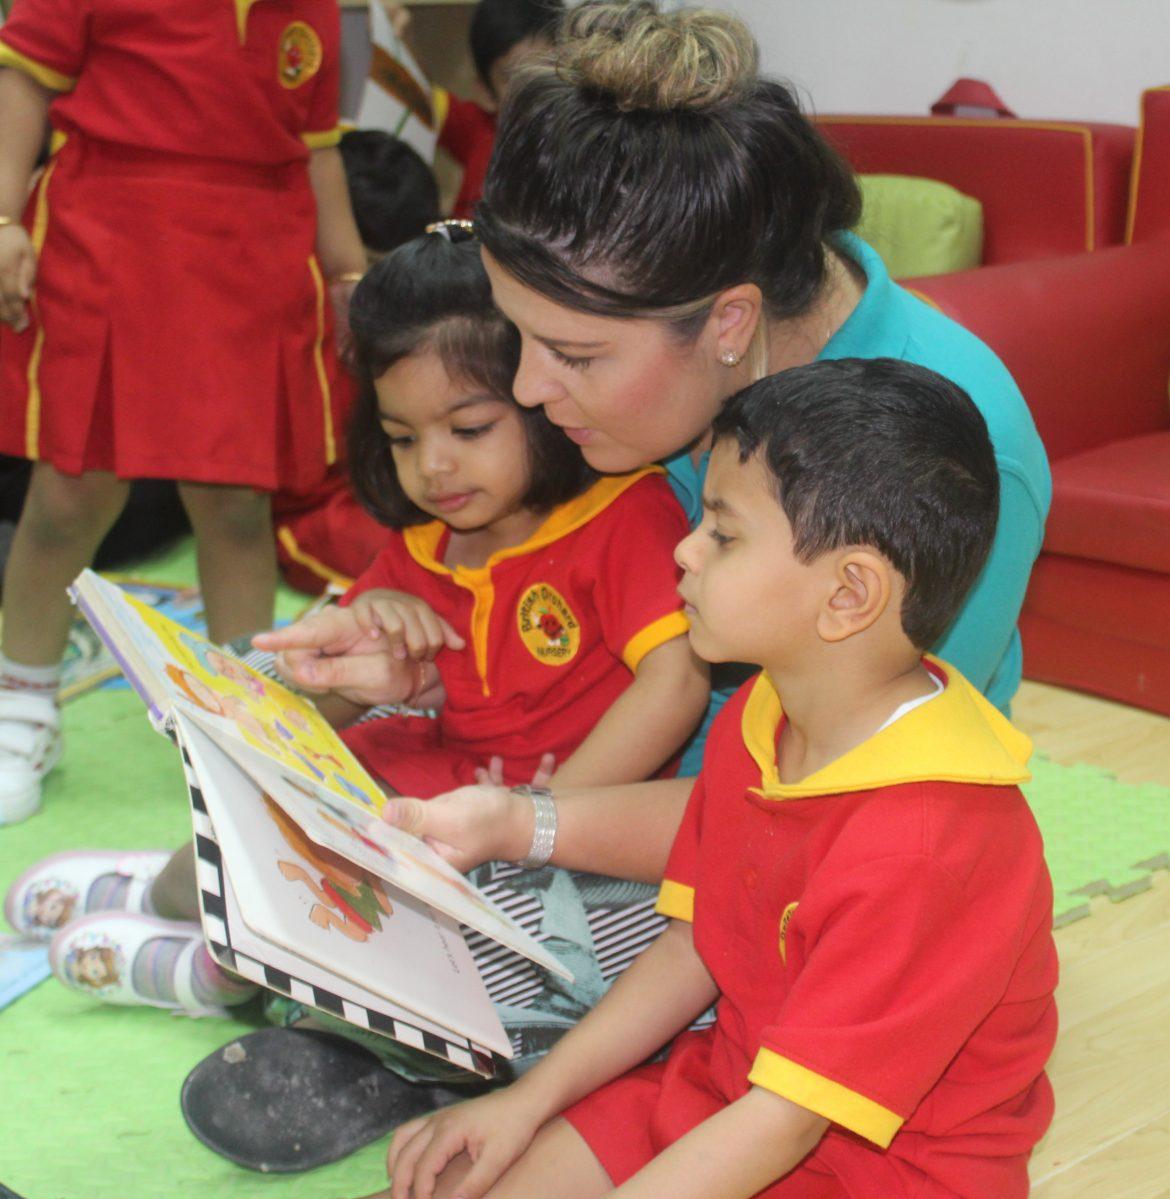 حضانةأوركارد البريطانية تنظم مخيماتها الصيفية في الإمارات